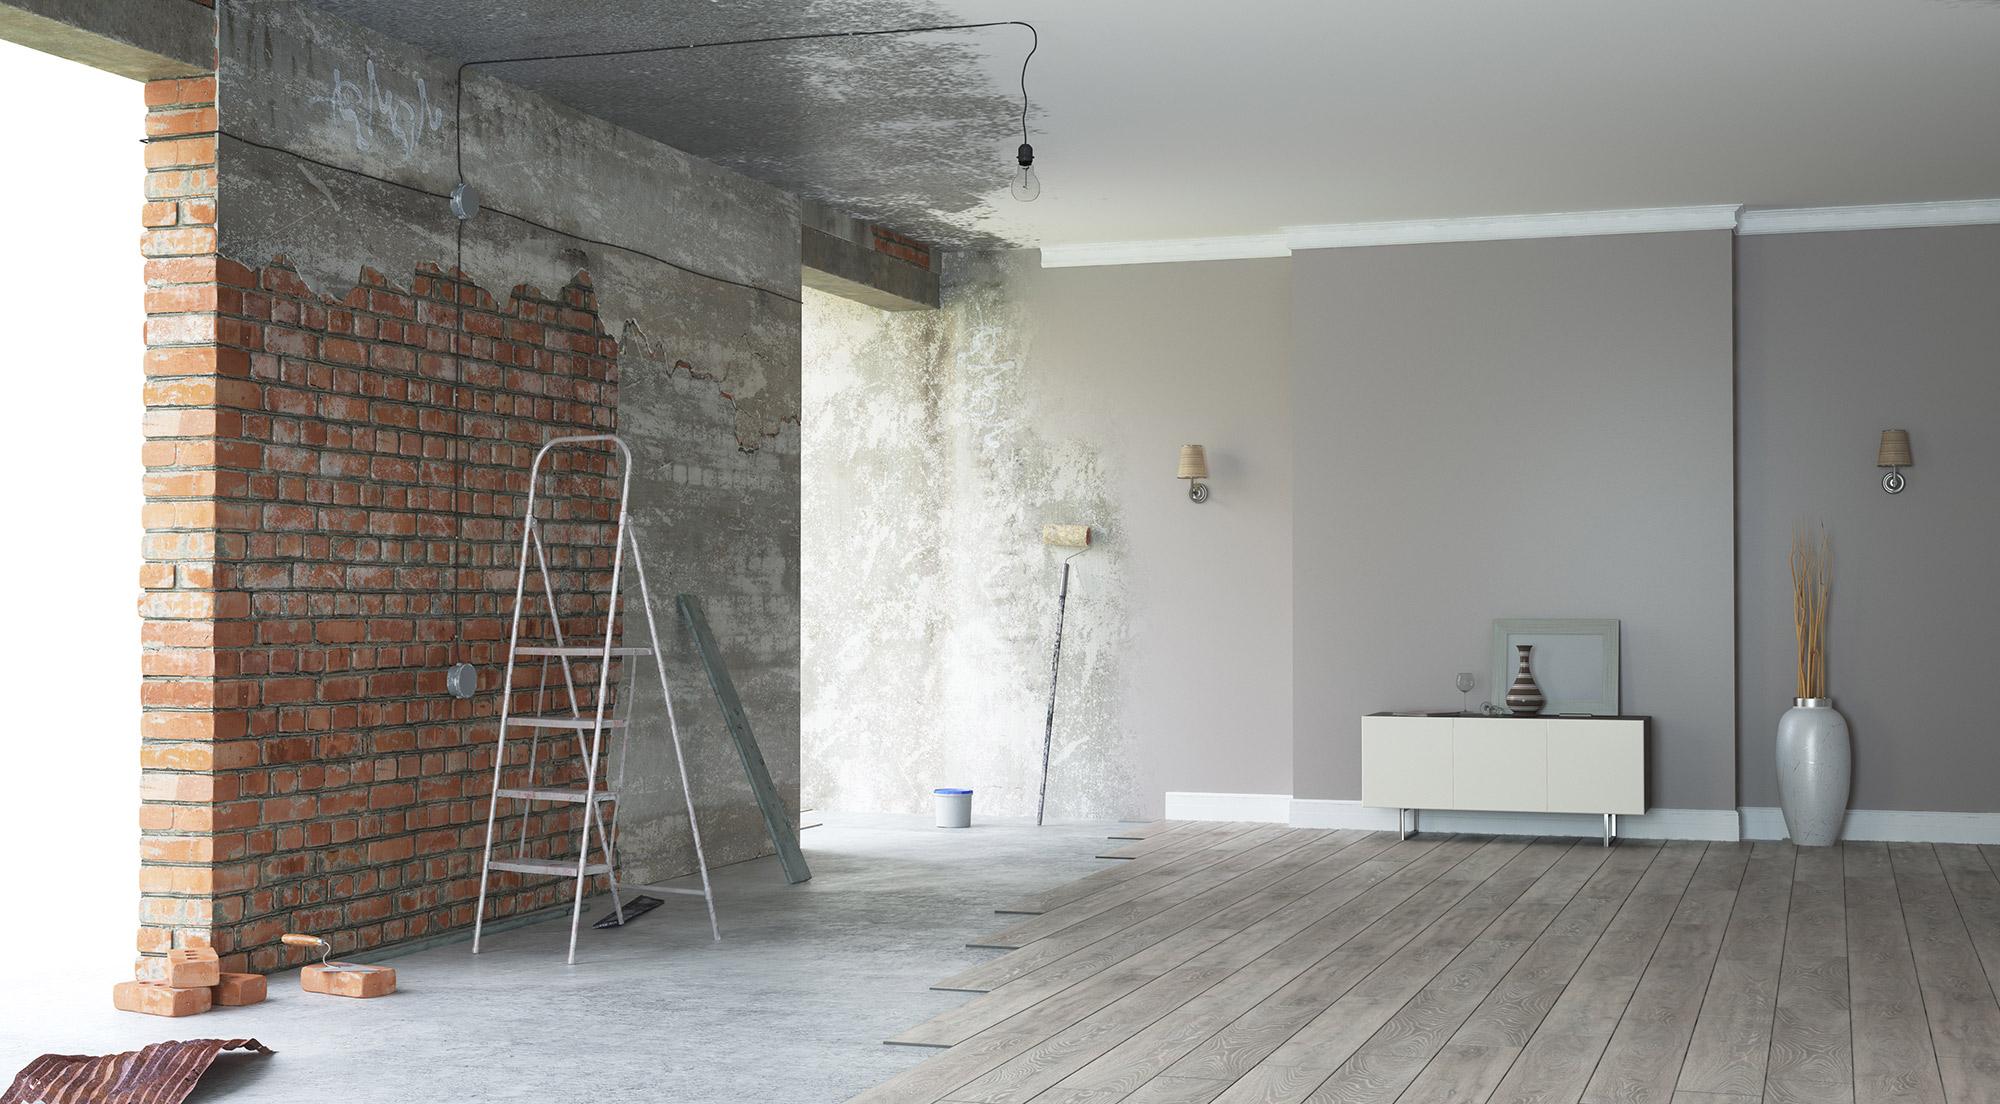 Stahltraeger einbauen Wanddurchbruch